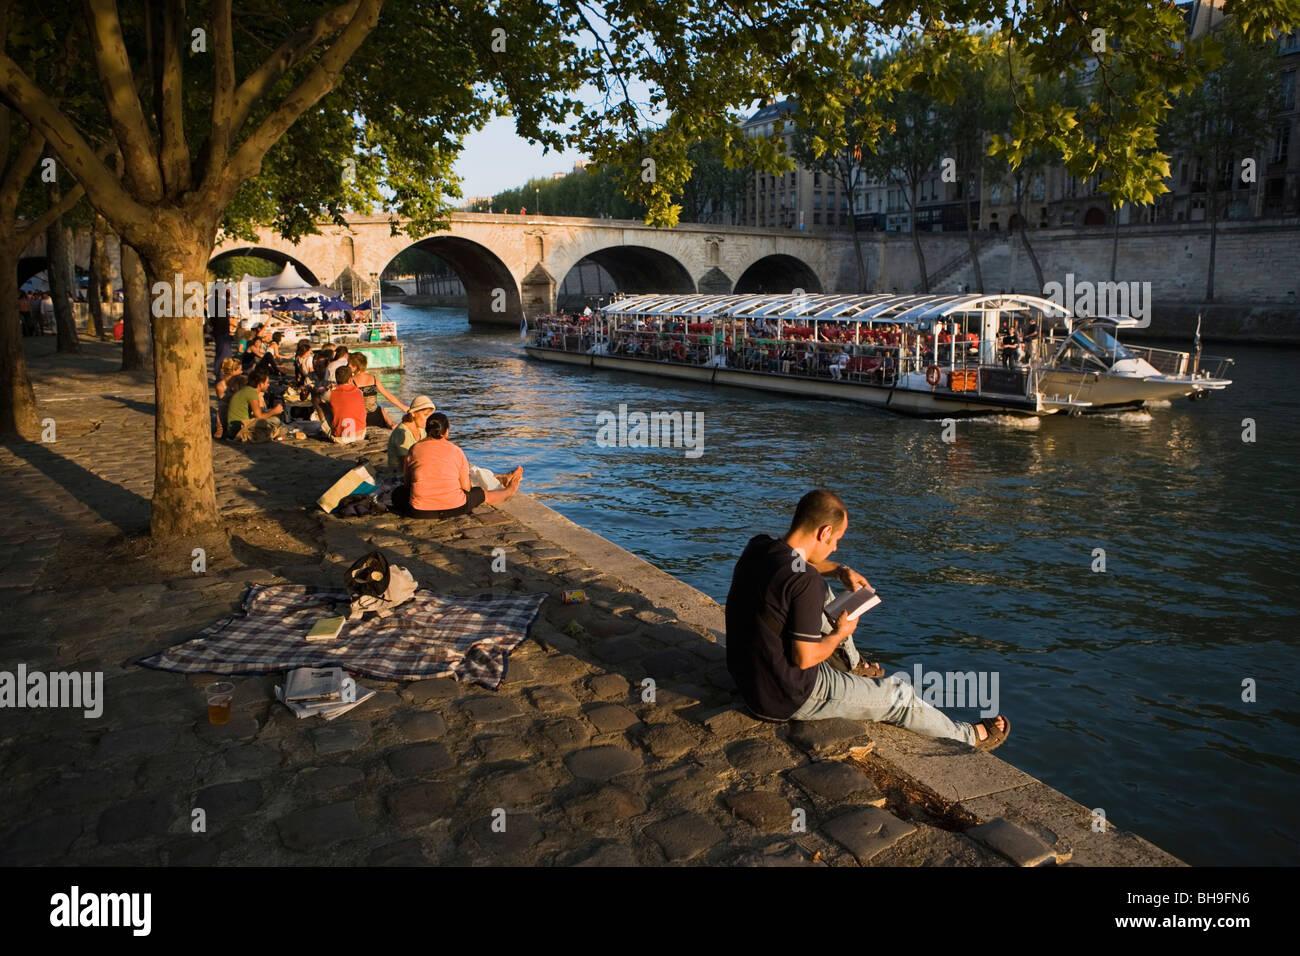 Paris Plage, Pont Marie, Seine, Paris, France - Stock Image